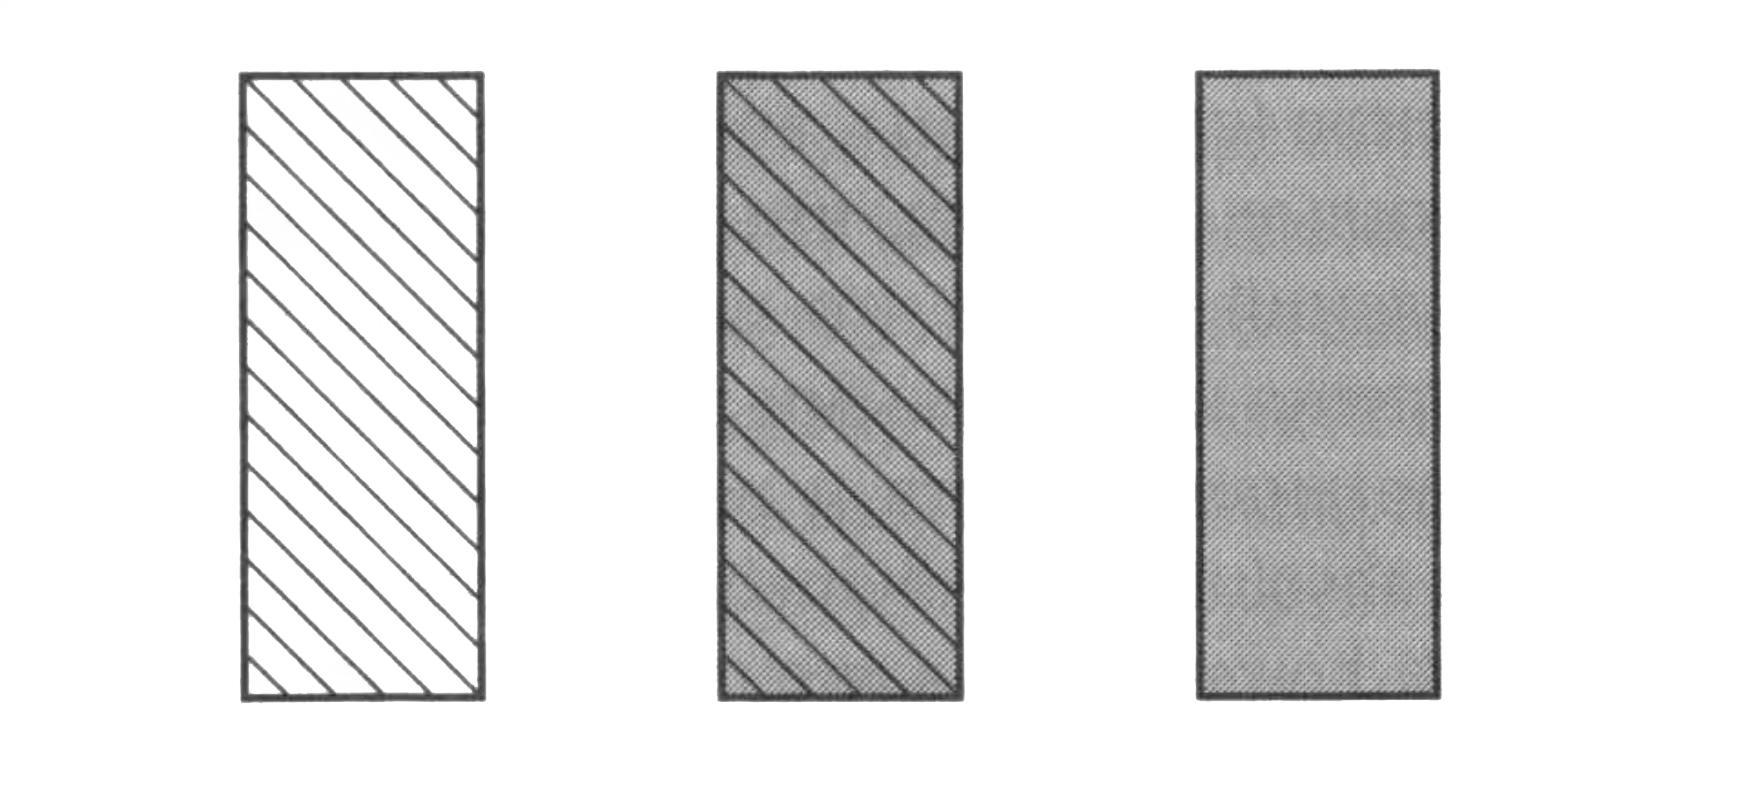 Расположение — это не только обязательный атрибут объекта в воображении, но также главный признак, который мозг использует, чтобы индивидуализировать и сосчитать объекты. Так, мы рассматриваем приведенную ниже совокупность как три объекта: один, крайний слева, — полосатый, другой, крайний справа, — серый и третий, посередине между ними, — одновременно и полосатый, и серый.